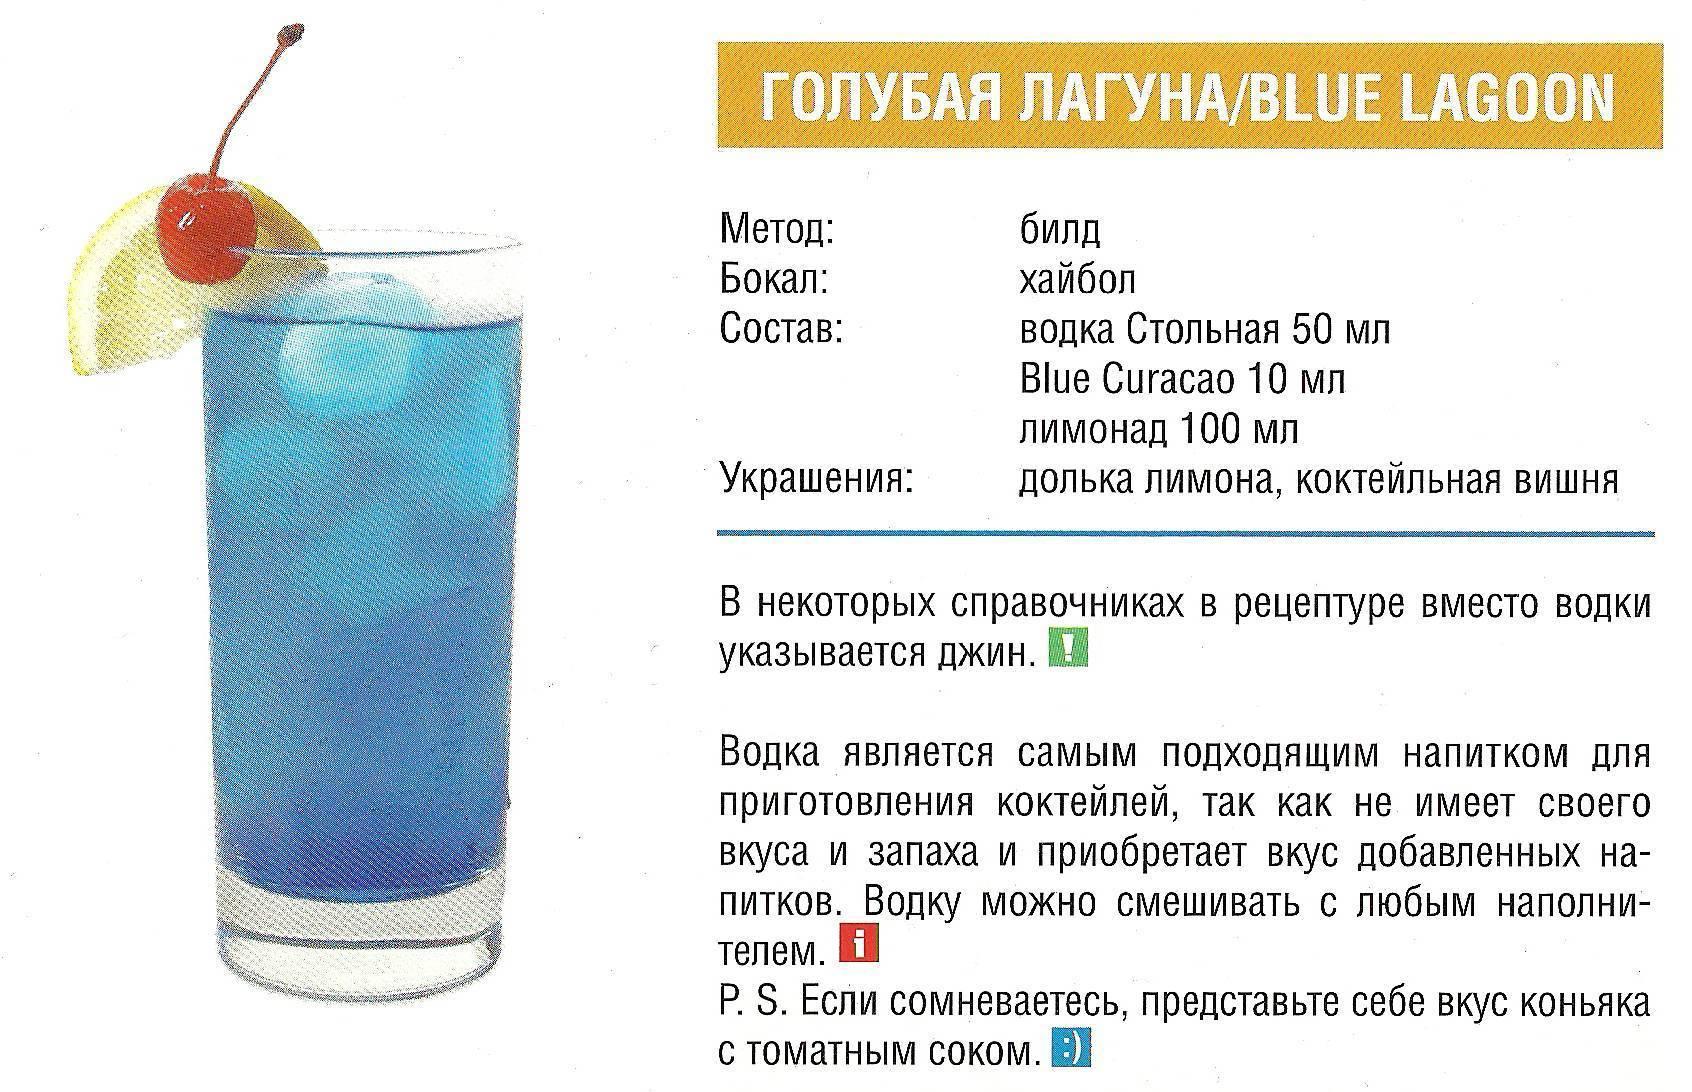 Отвертка коктейль: рецепт напитка, как сделать в домашних условиях, состав, пропорции, особенности приготовления